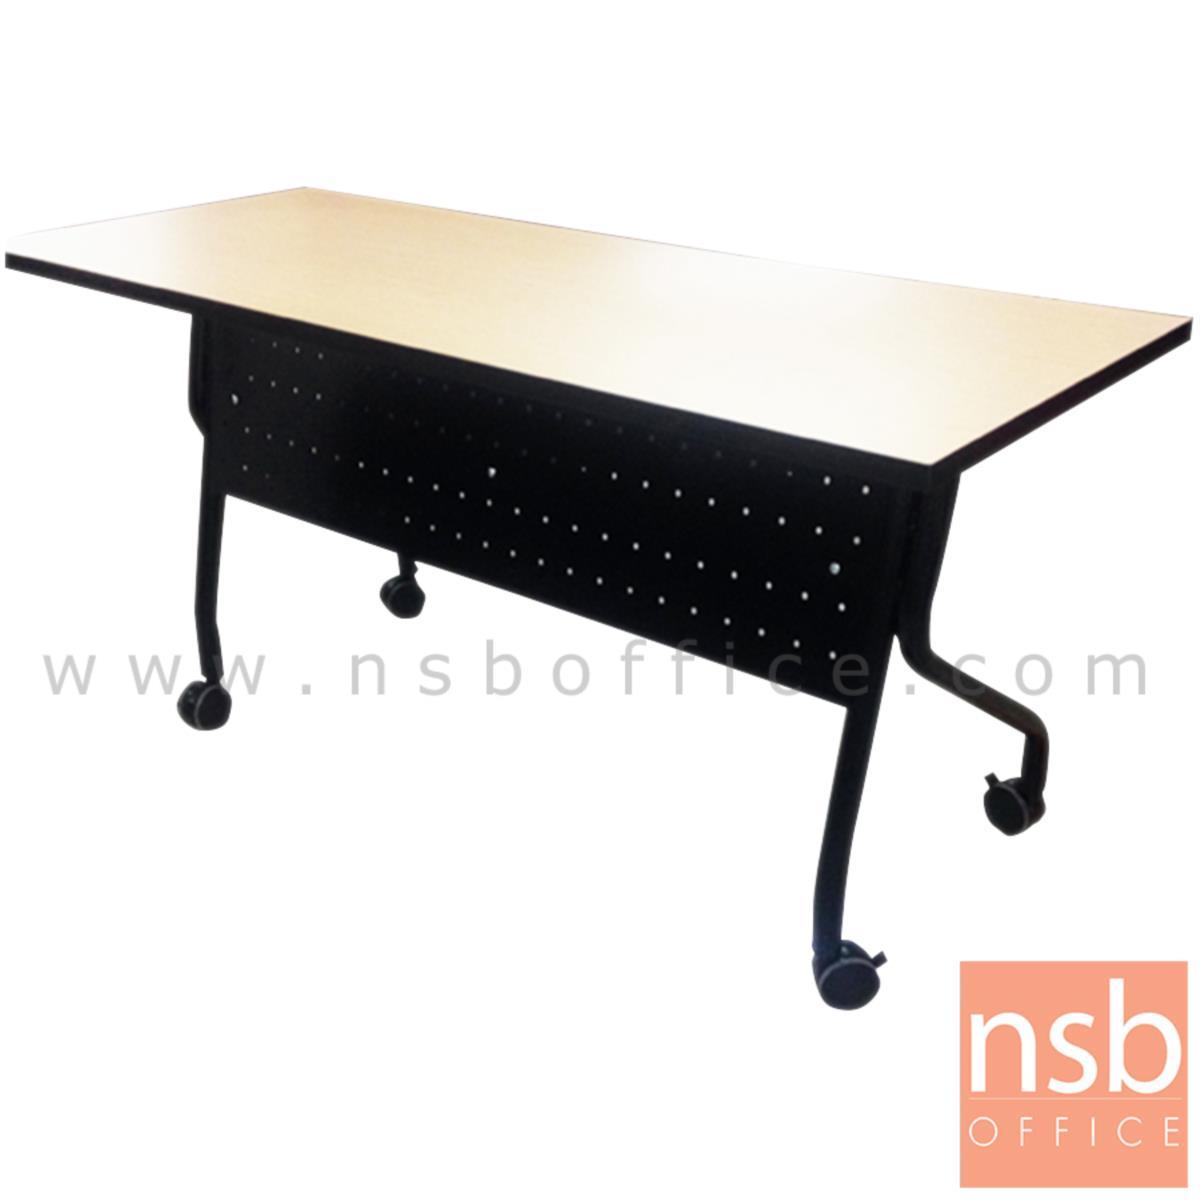 A05A077:โต๊ะประชุมพับเก็บได้ล้อเลื่อน รุ่น Ribbinston (ริบบินส์ตัน) ขนาด 120W ,150W ,180W cm.  โครงขาเหล็ก ลูกล้อใหญ่พิเศษ